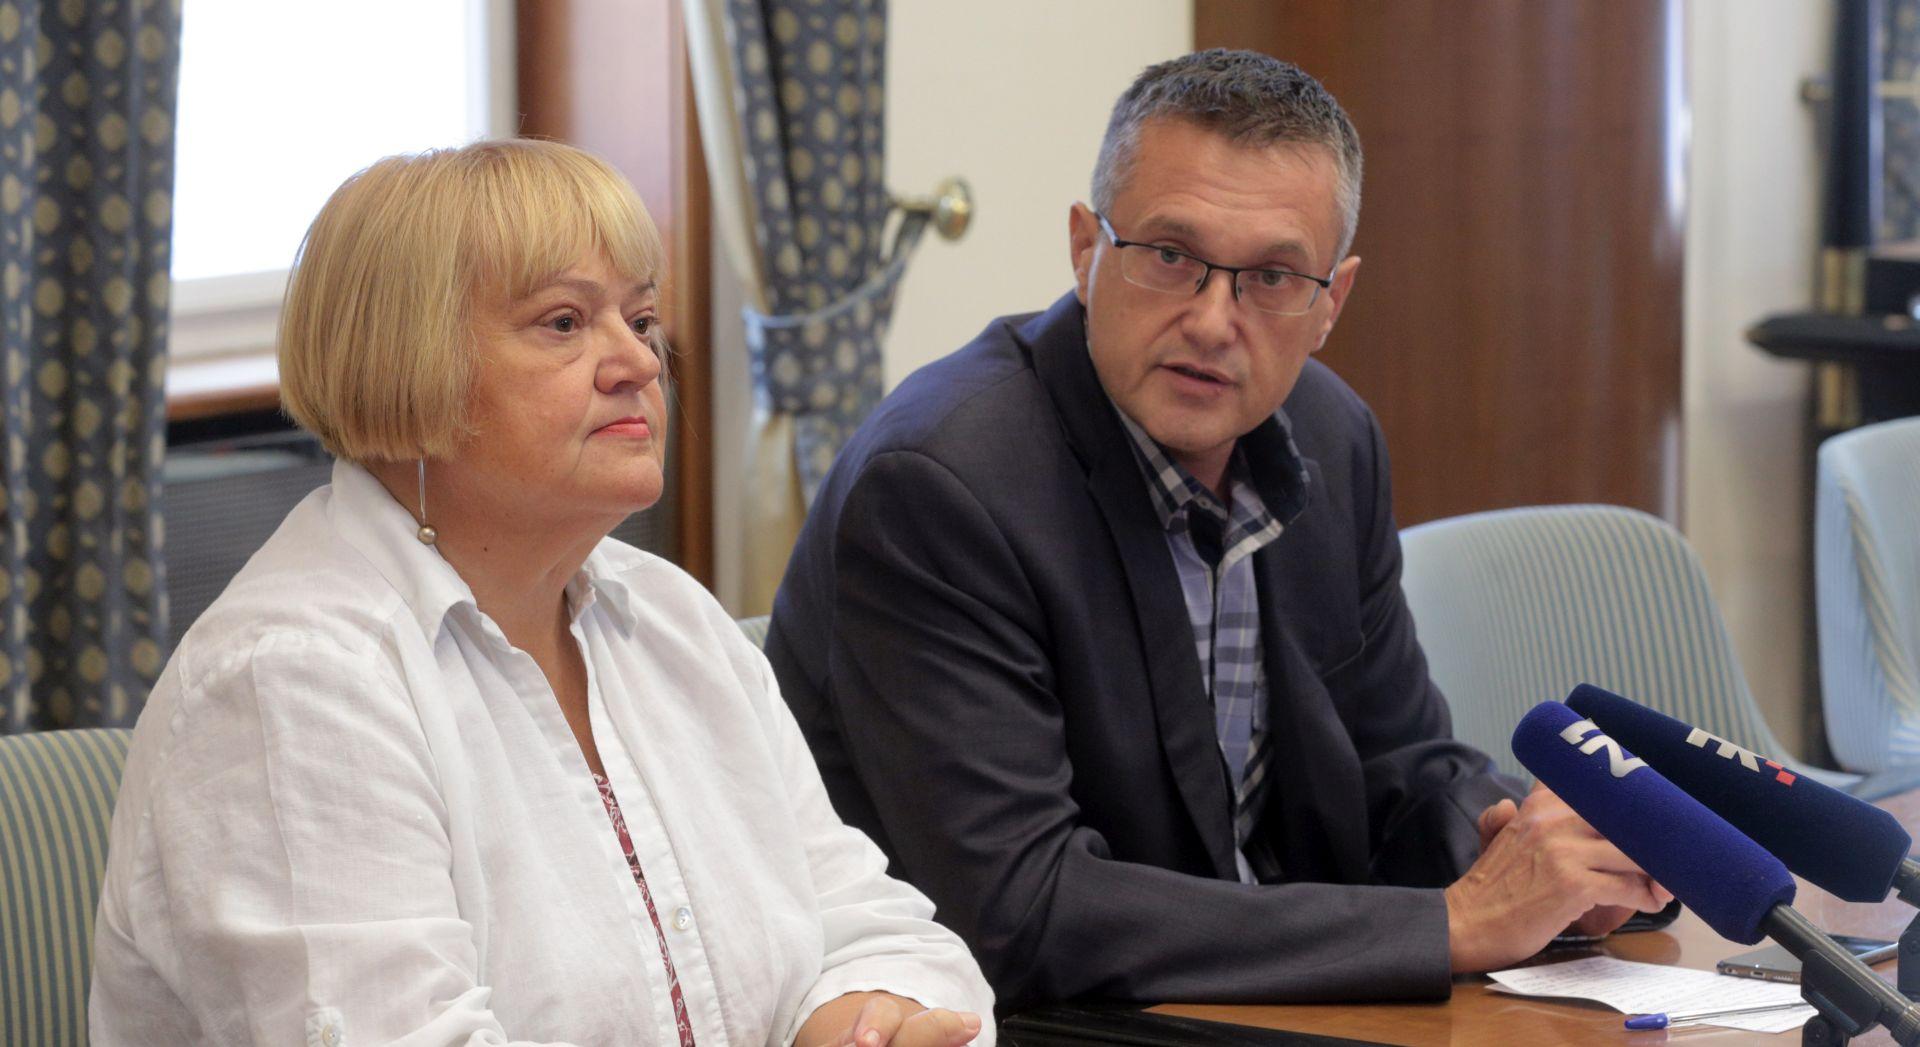 MRAK TARITAŠ 'Ništa nije slučajno, HDZ ne želi povjerenstvo o Agrokoru'